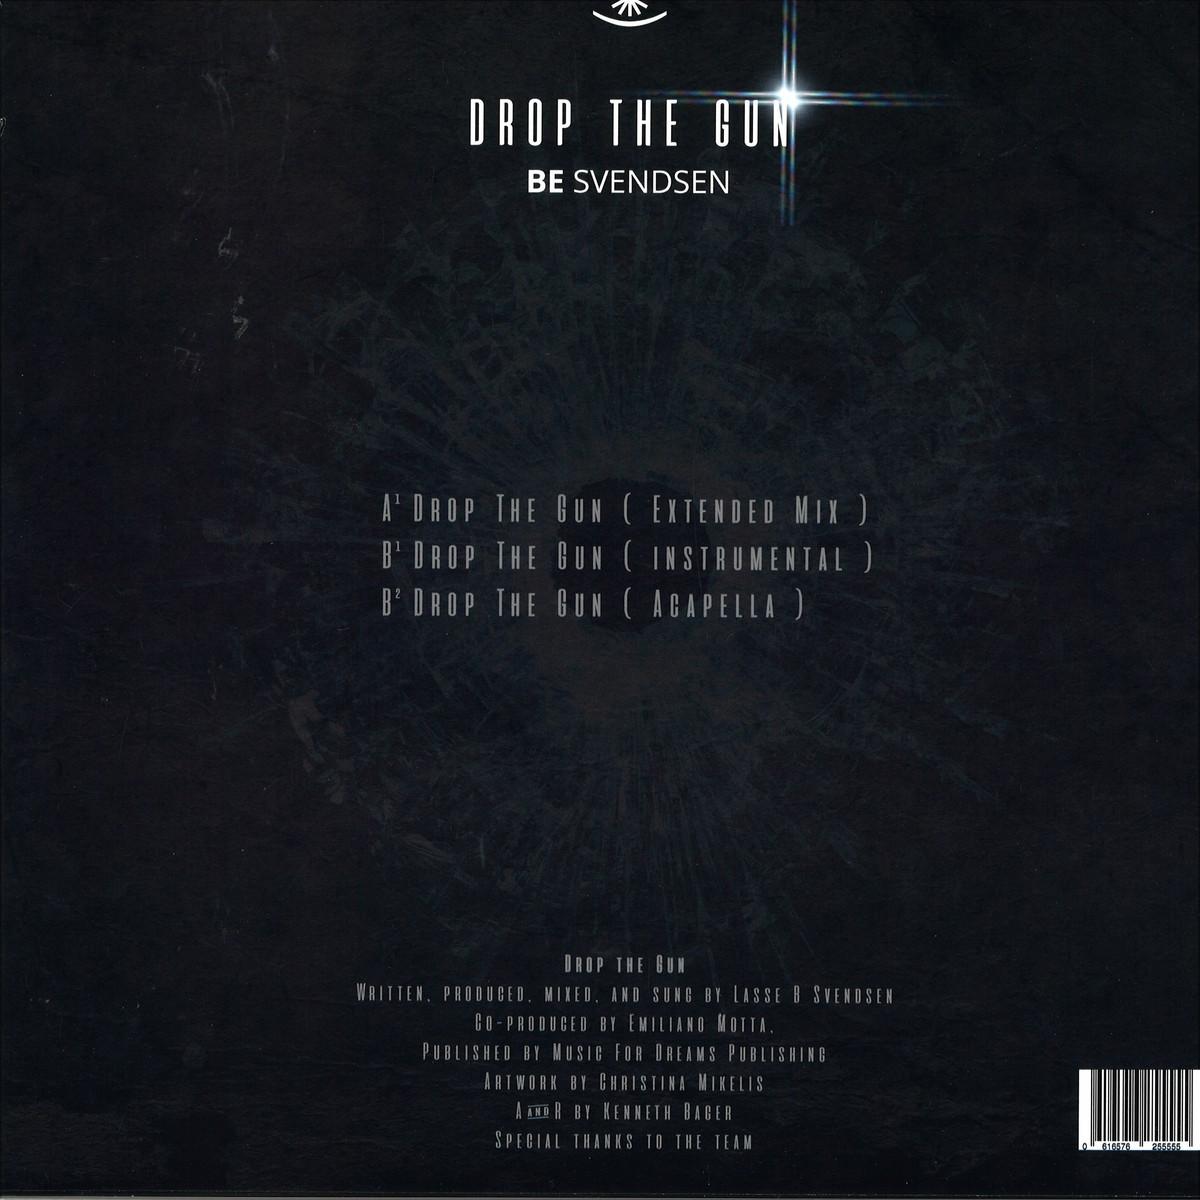 deejay de - Music For Dreams